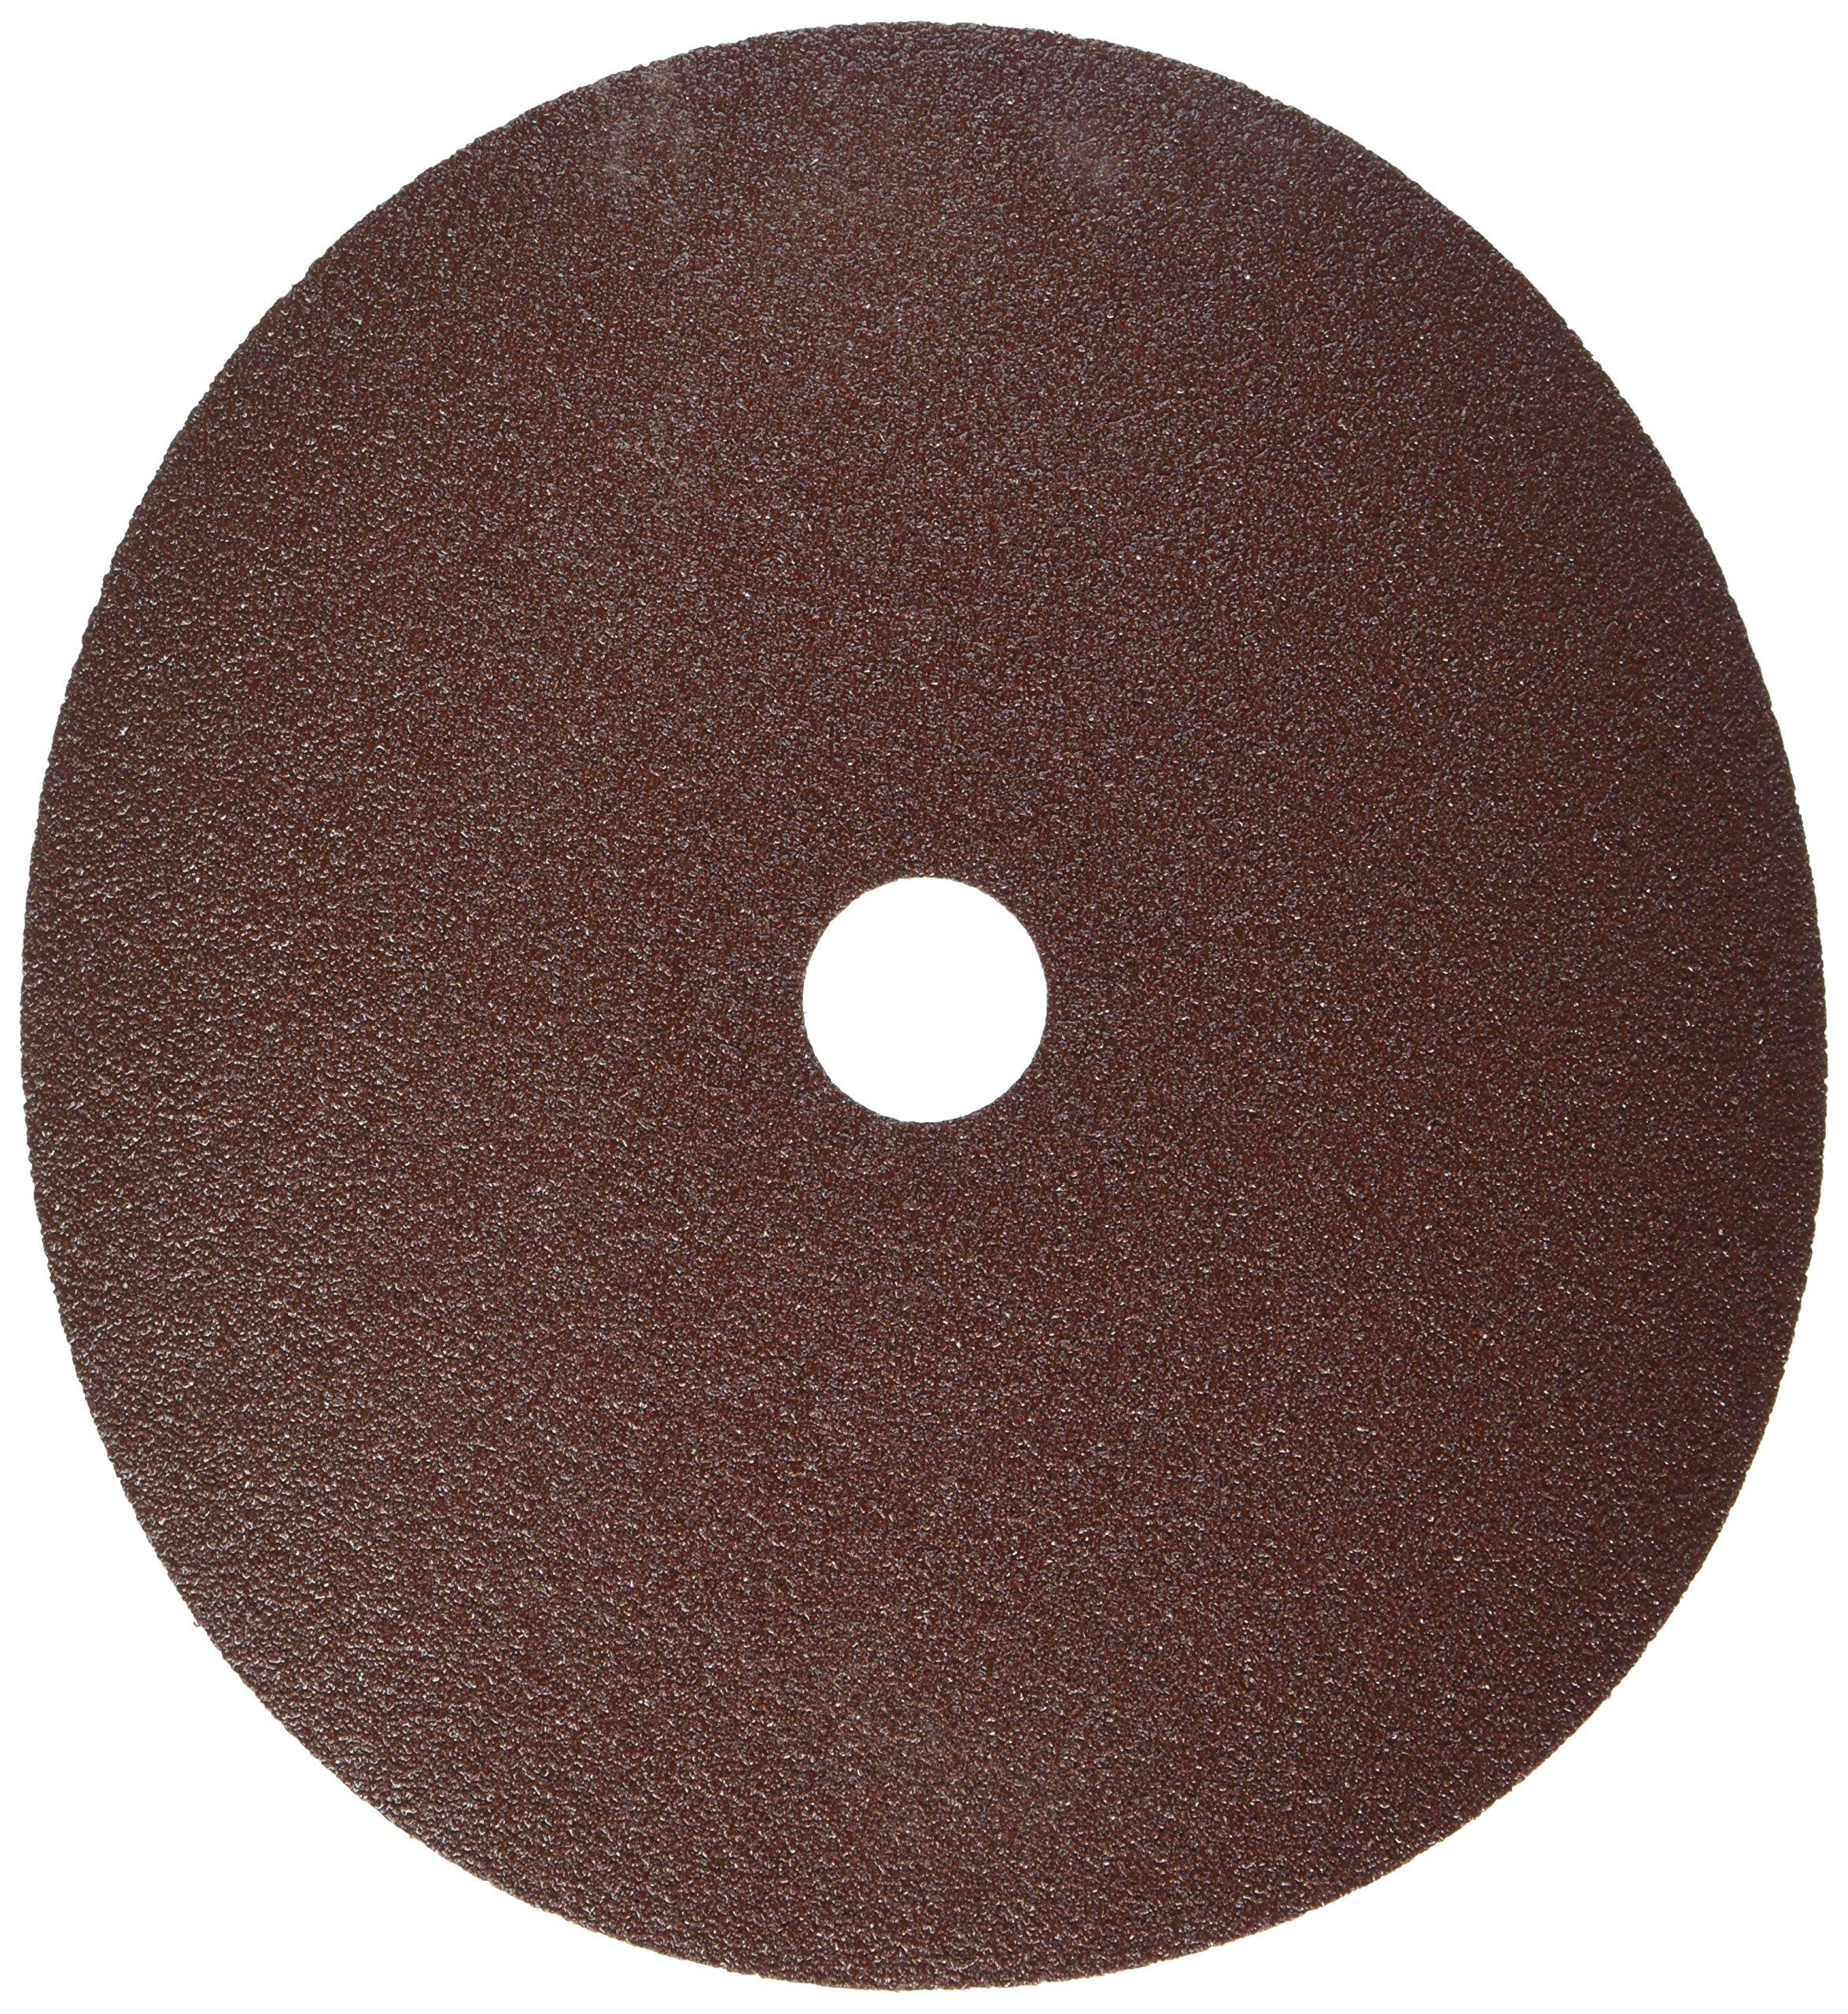 United Abrasives-SAIT 50033 SAIT Fiber Disc, 2A 7 X 7/8 50X Blue Line Disc, 25 Pack